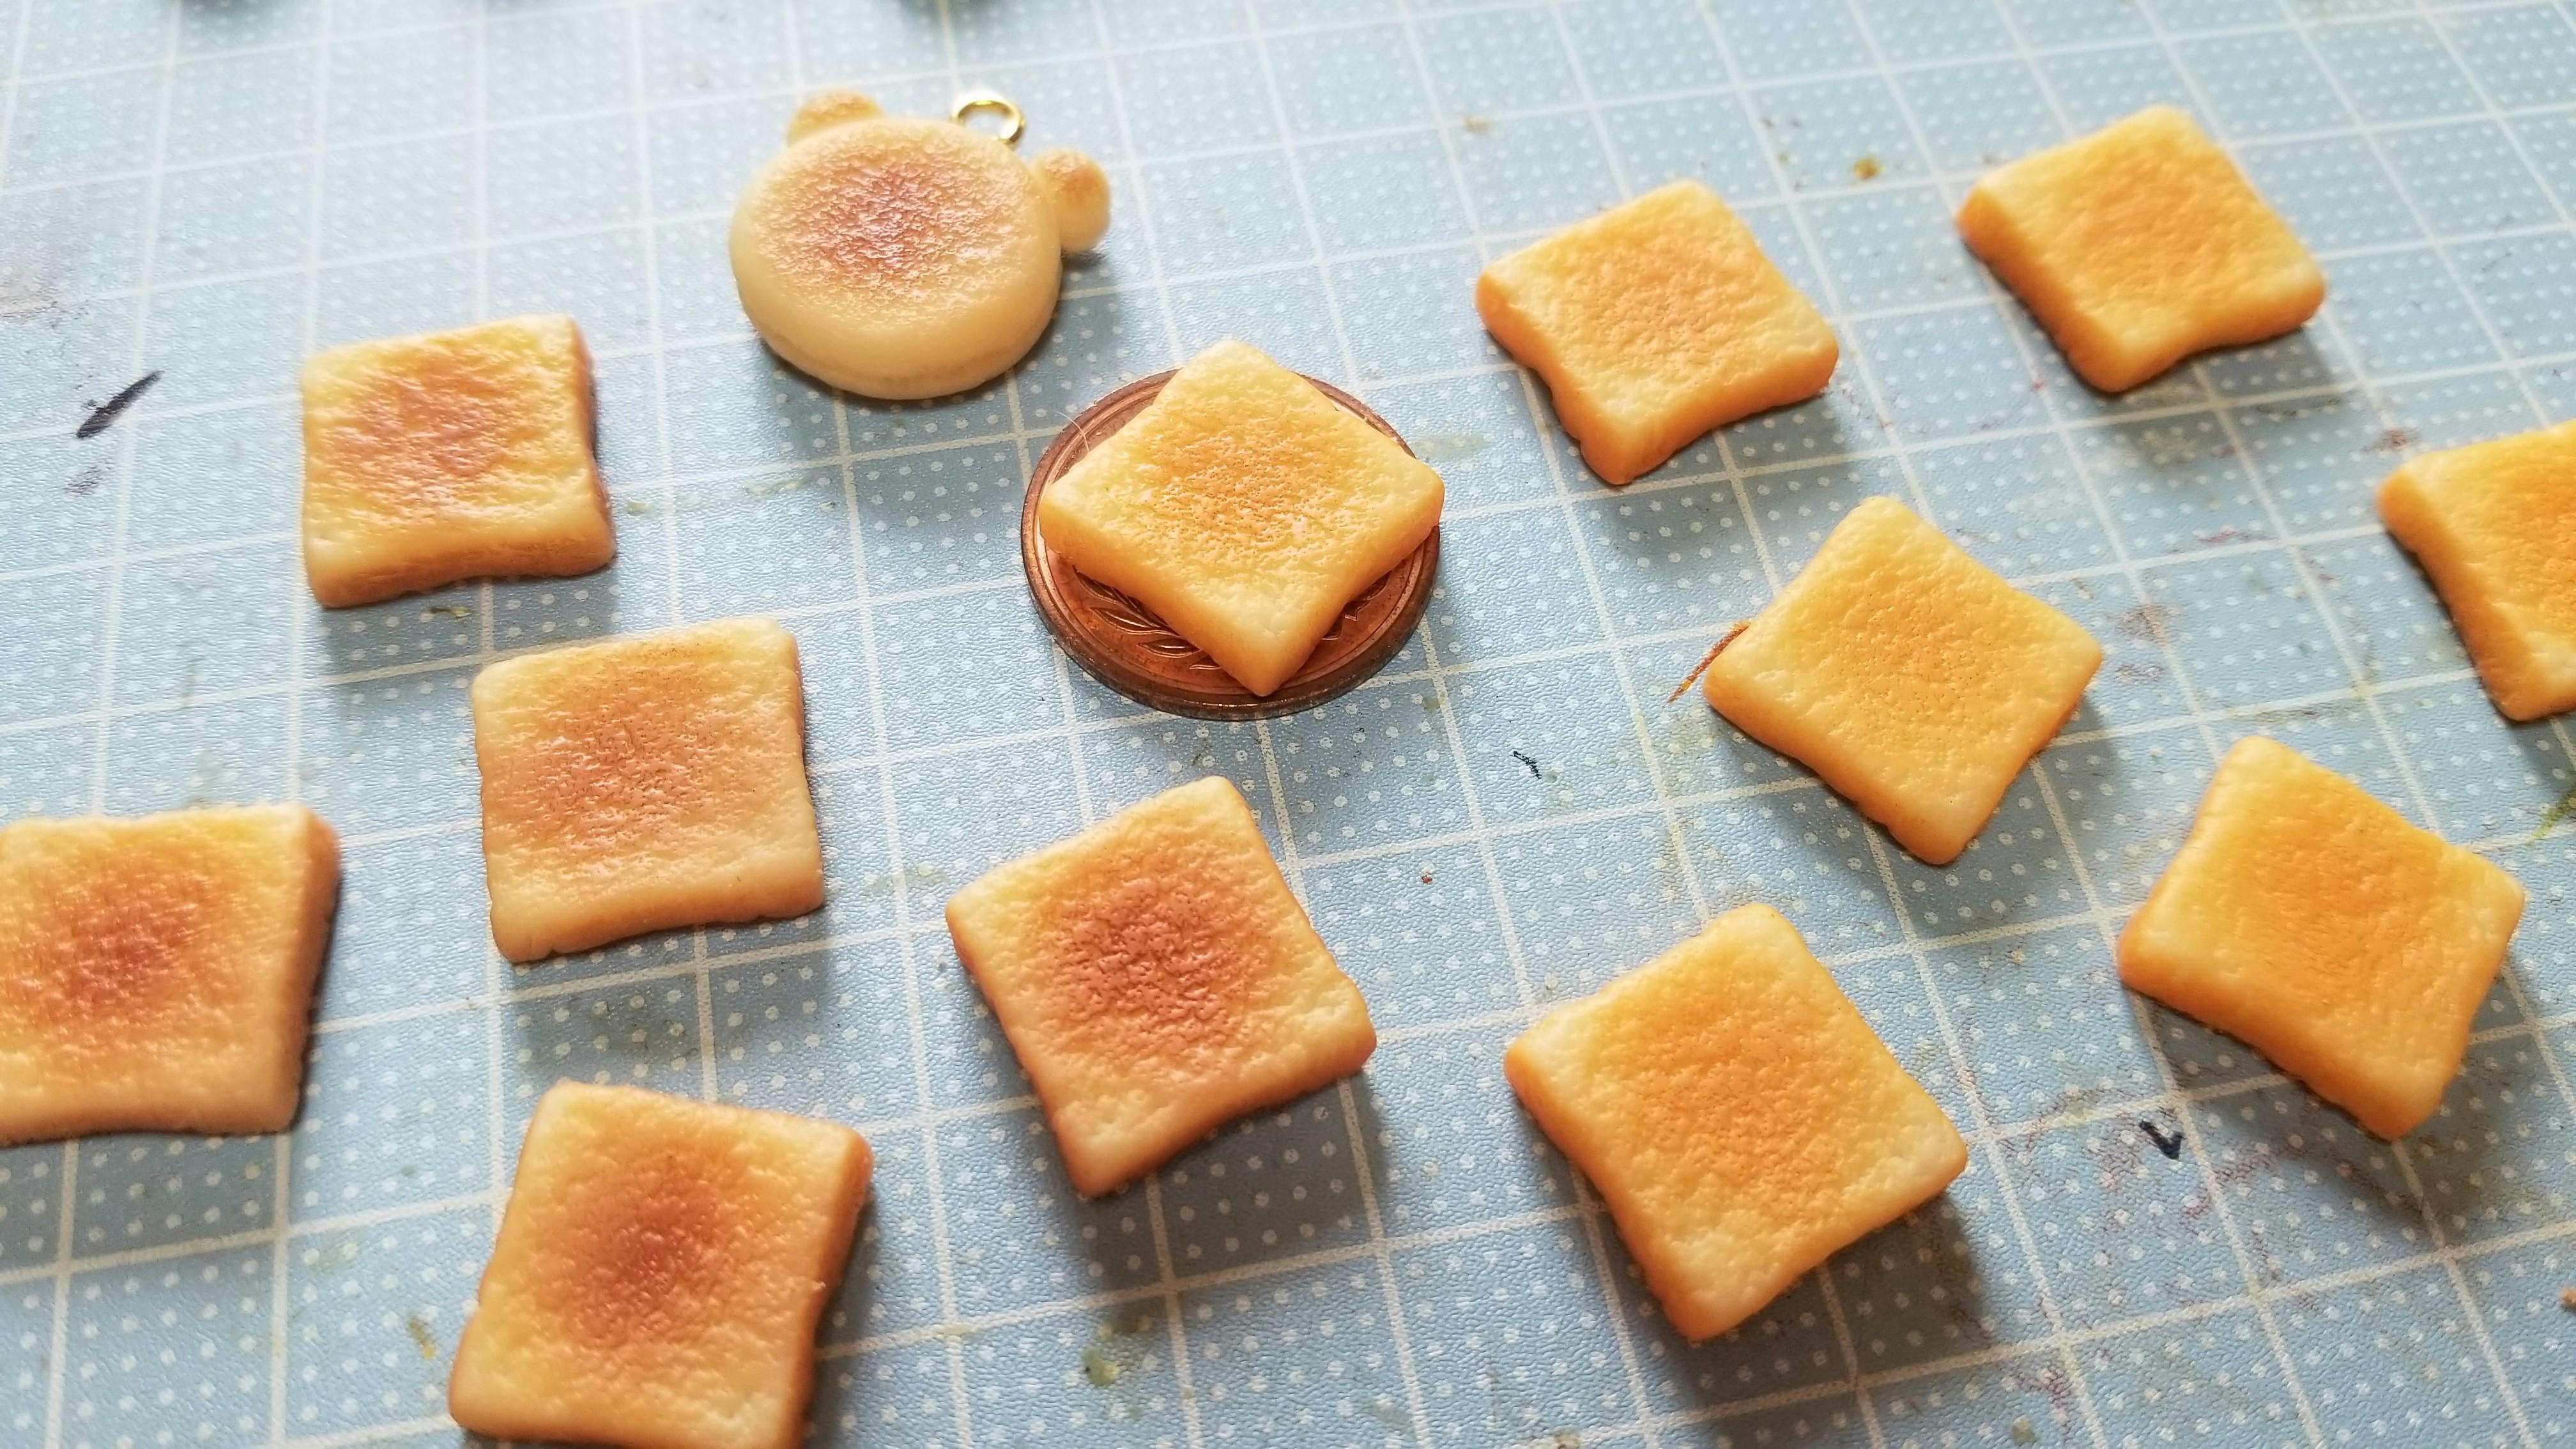 ミニチュアフード食パントースト作り方樹脂粘土ハンドメイドフェイク